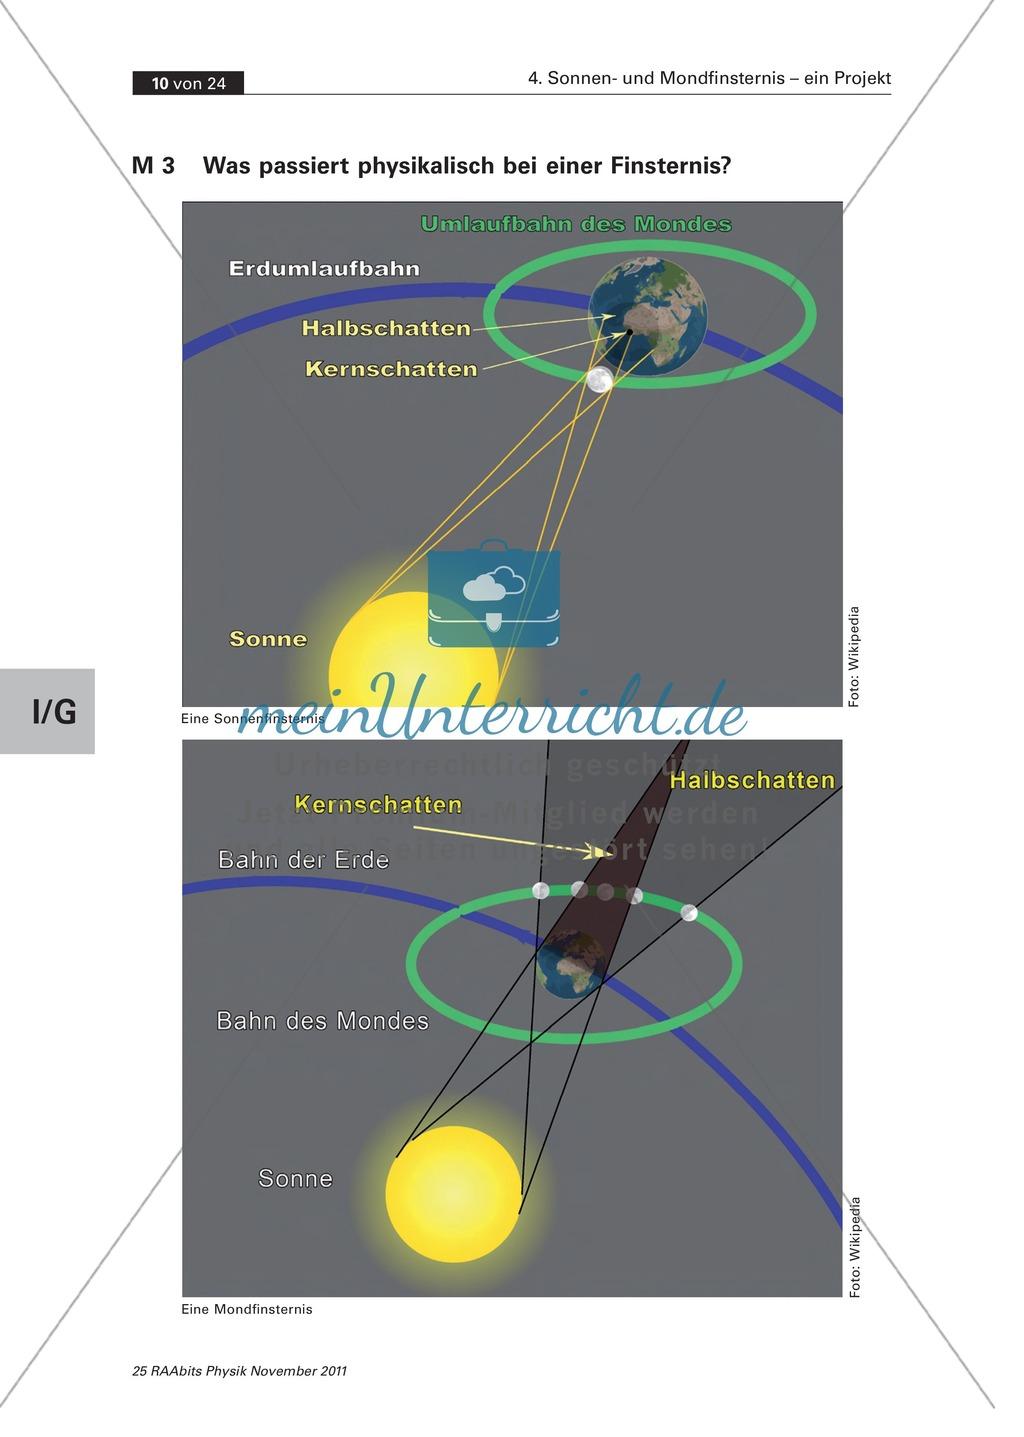 Sonnen- und Mondfinsternis: Der Verlauf + Geschichte von Finsternissen Preview 1